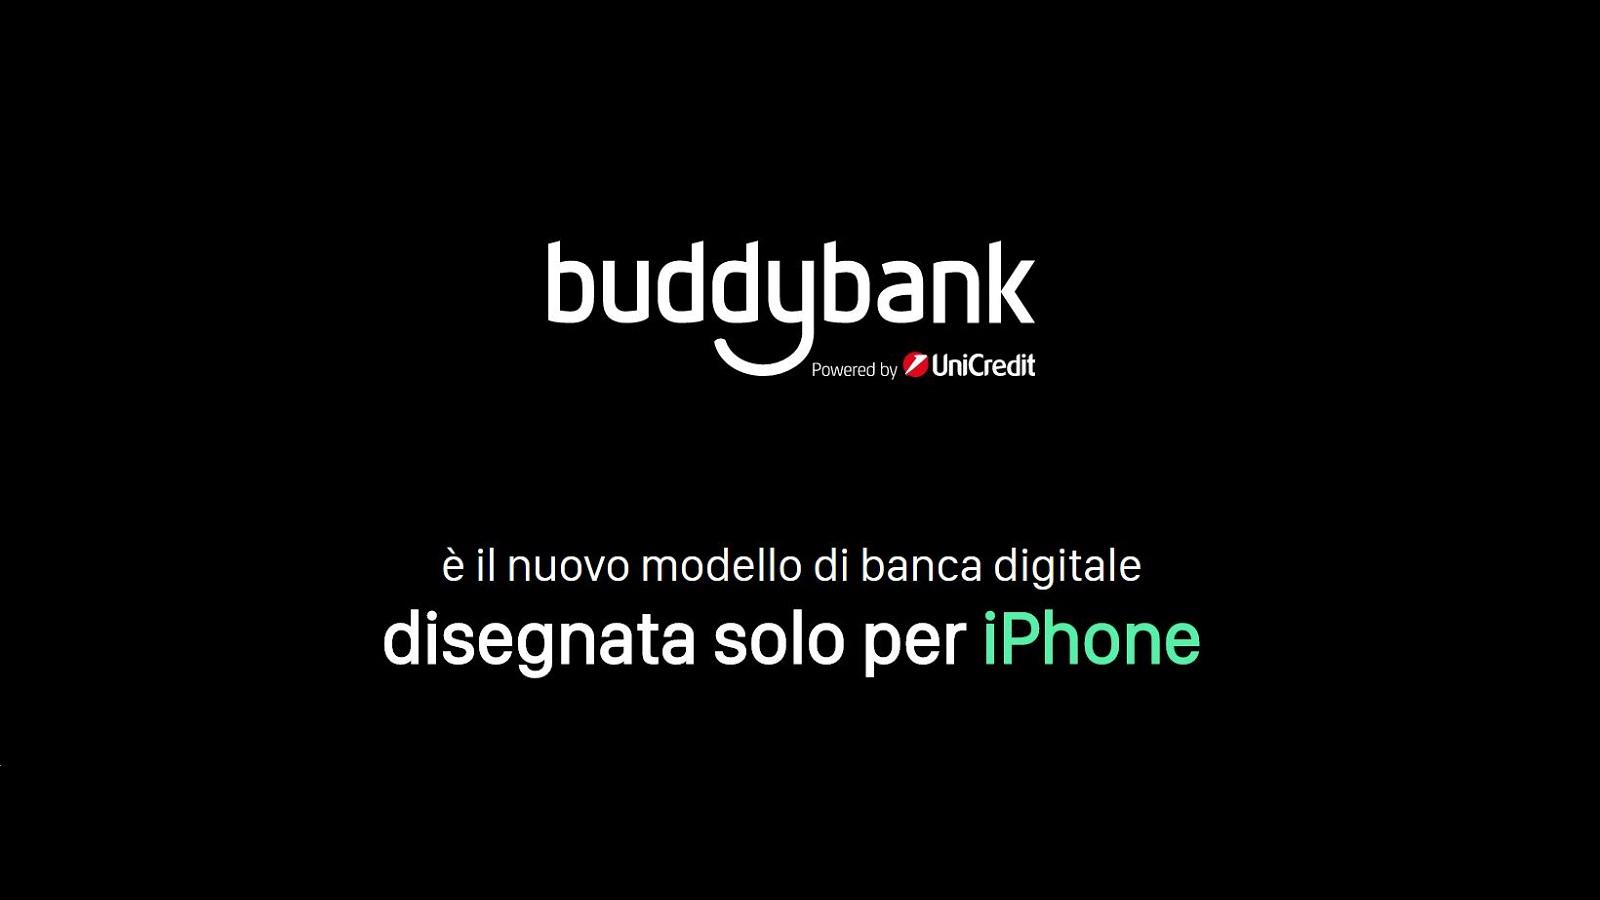 Come Funziona Buddybank Nuova Banca Via App Di Unicredit